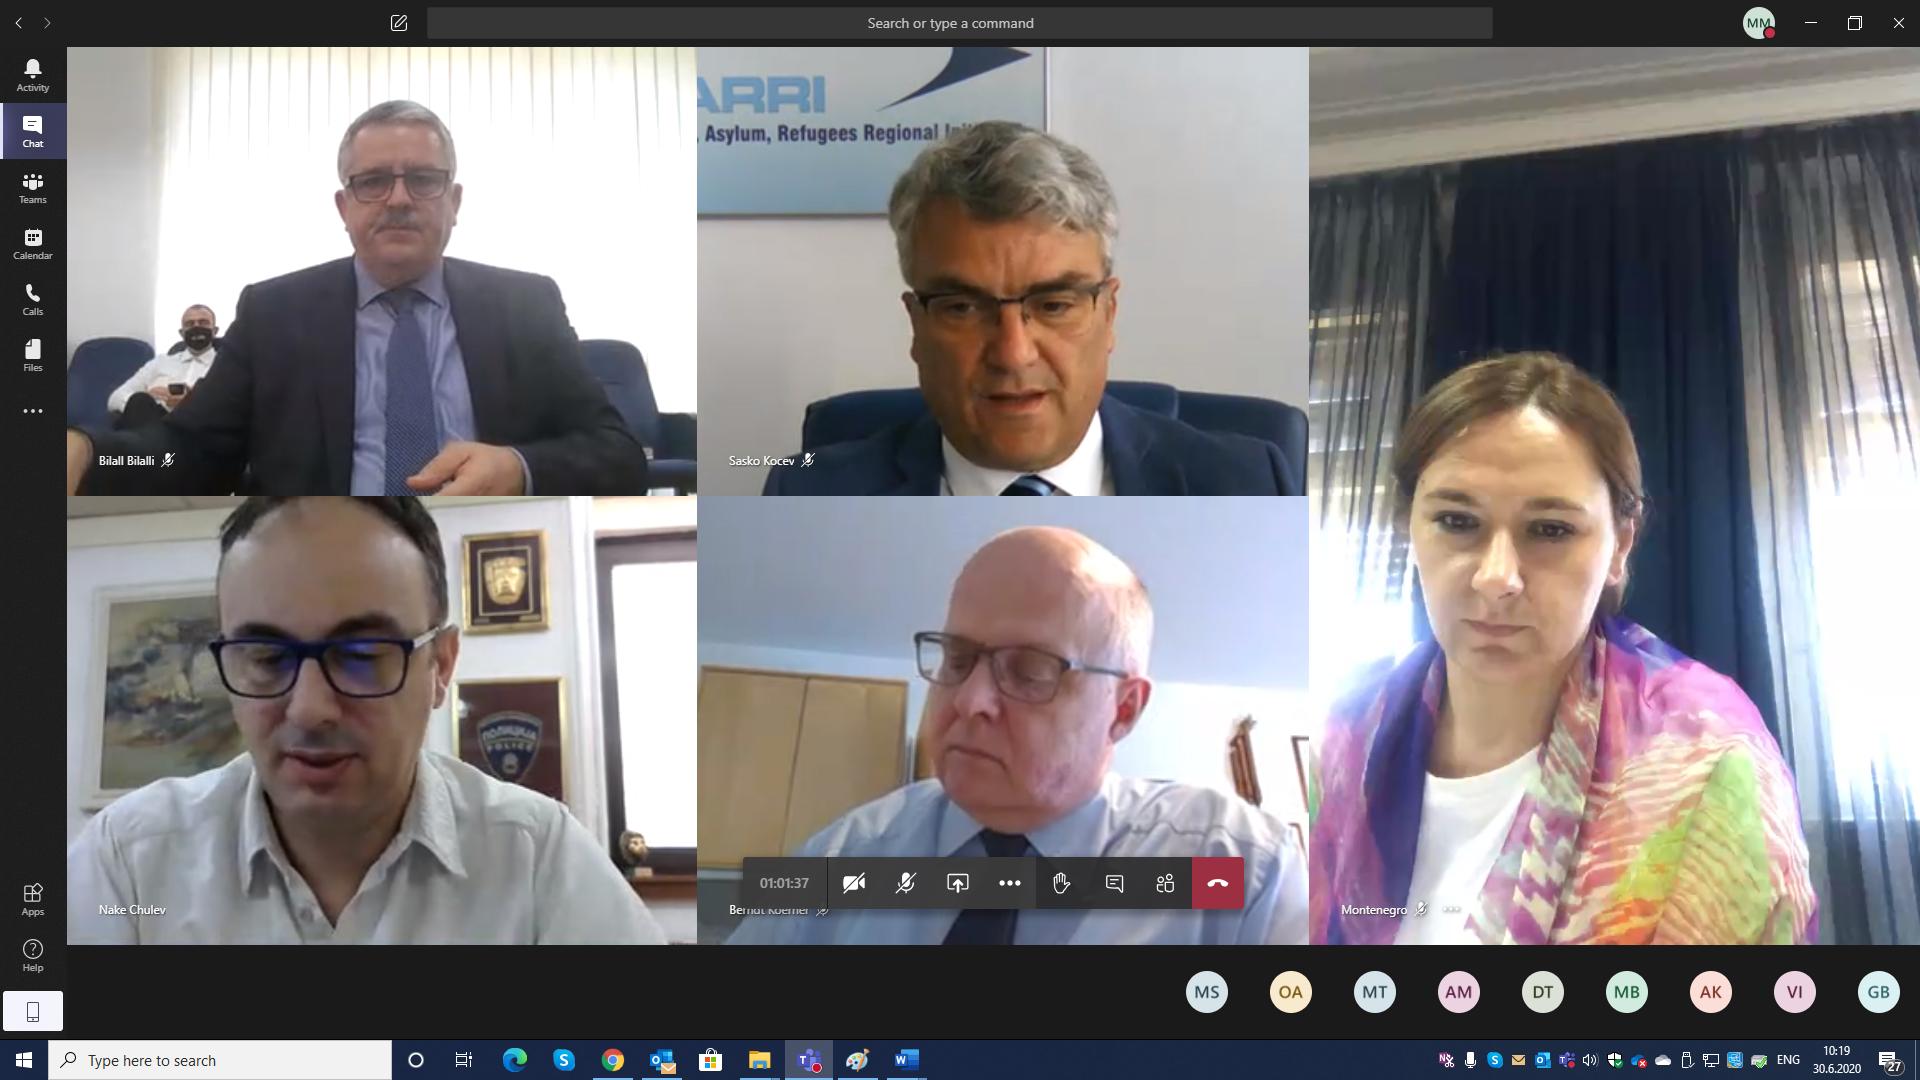 29-30 June 2020 – MARRI Committee & Regional Forum Meeting